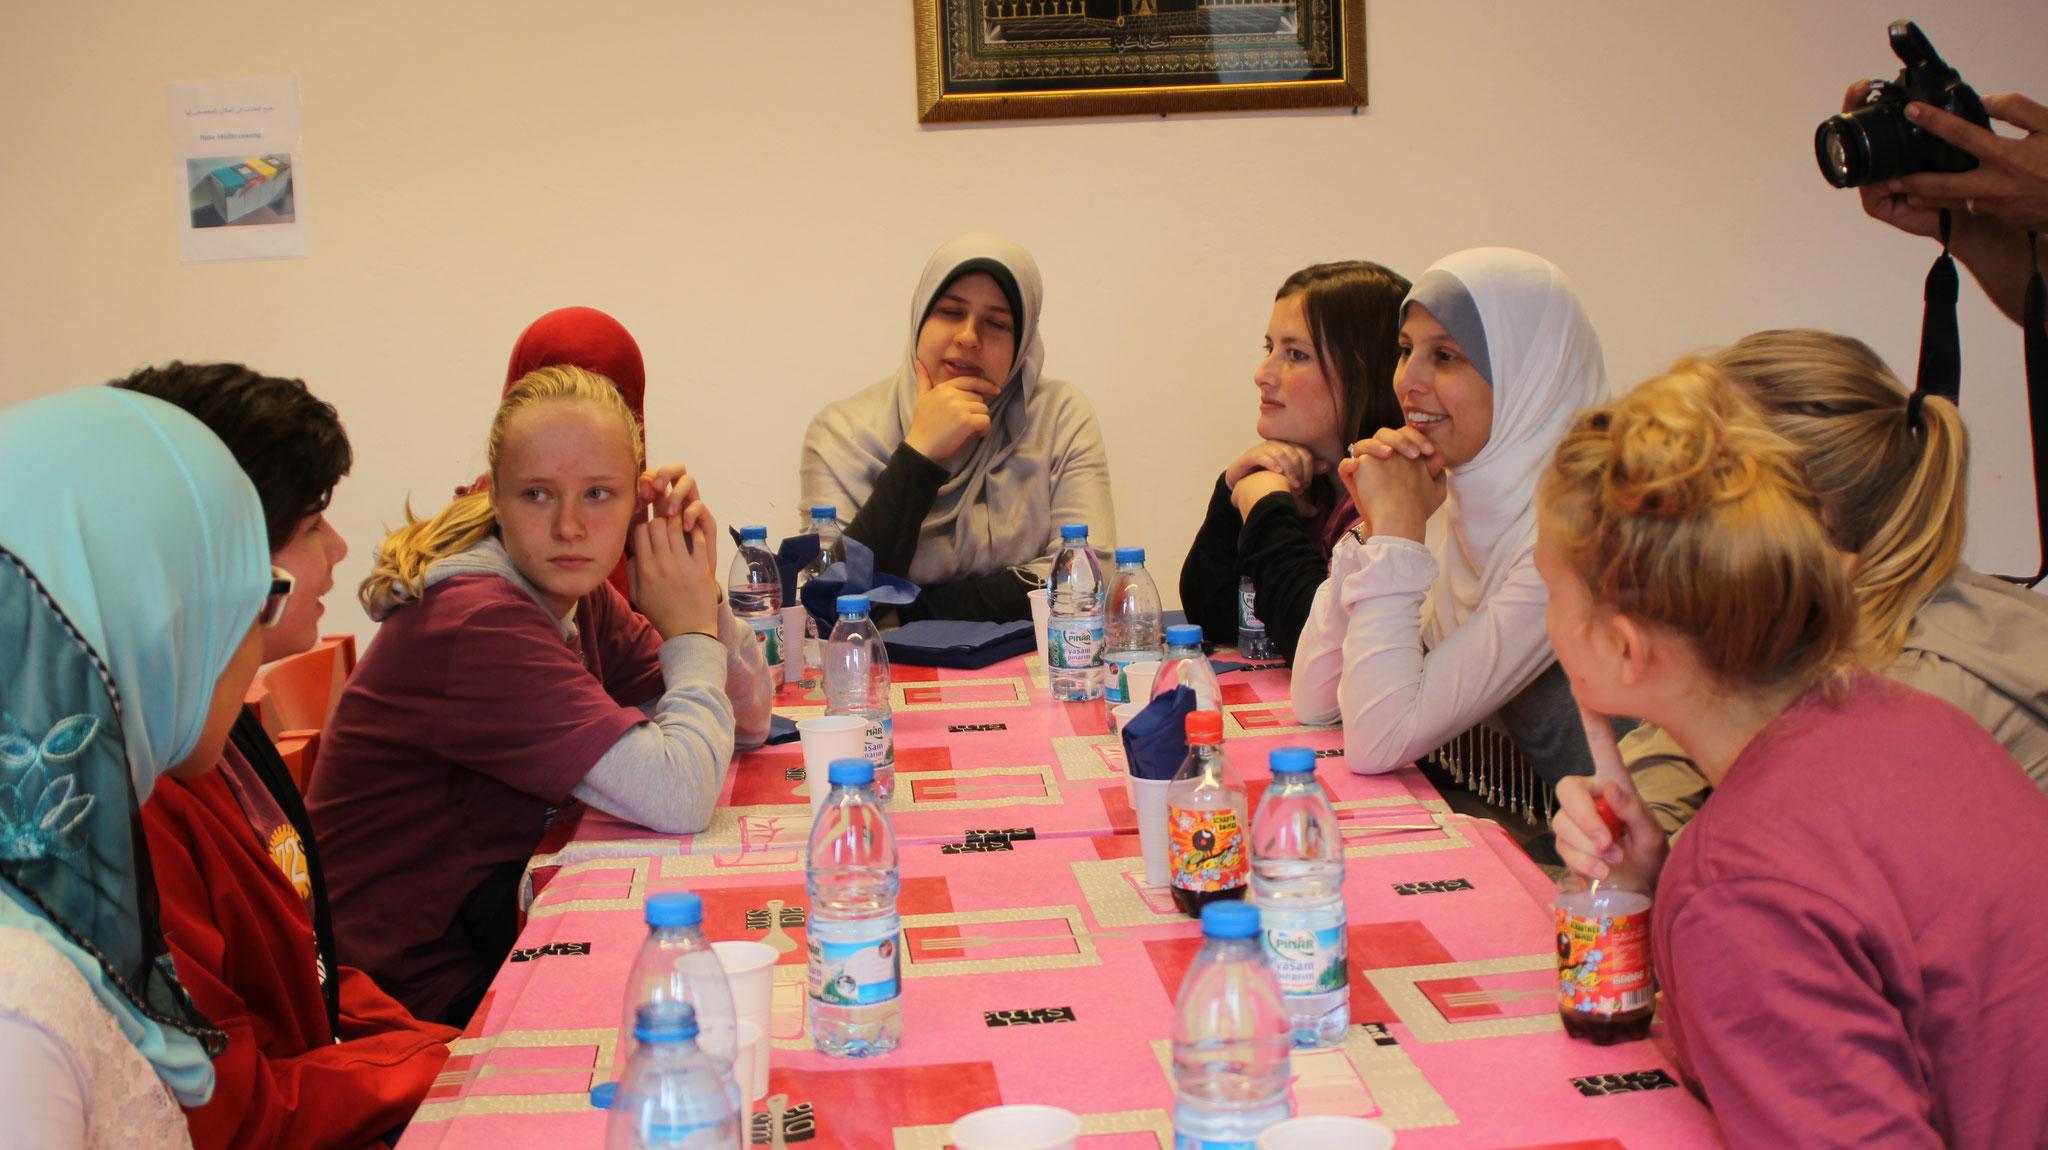 Interessante Diskussion nach dem Mittagessen im IFZ